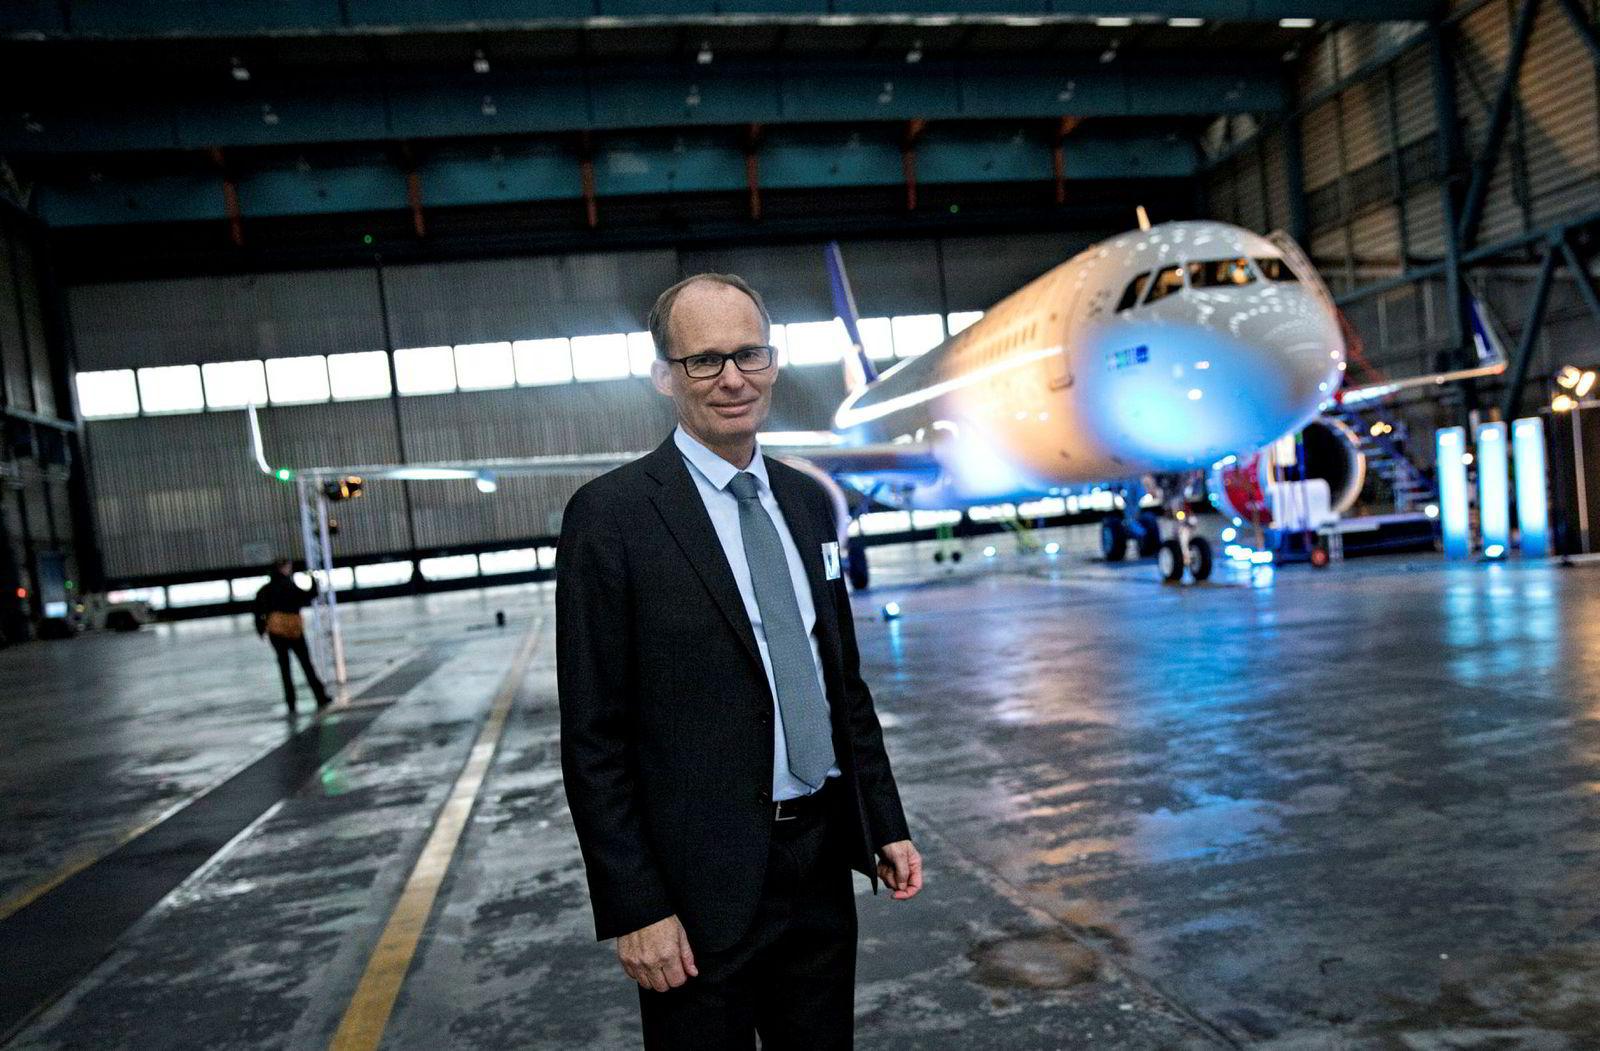 SAS' flåtesjef Niklas Hårdänge sier selskapet har opsjoner hos leasingselskaper og Airbus-fabrikken til å bestille enda flere fly av typen Airbus A320neo. Her fra en overrekkelse av flyet i Stockholm i 2016.